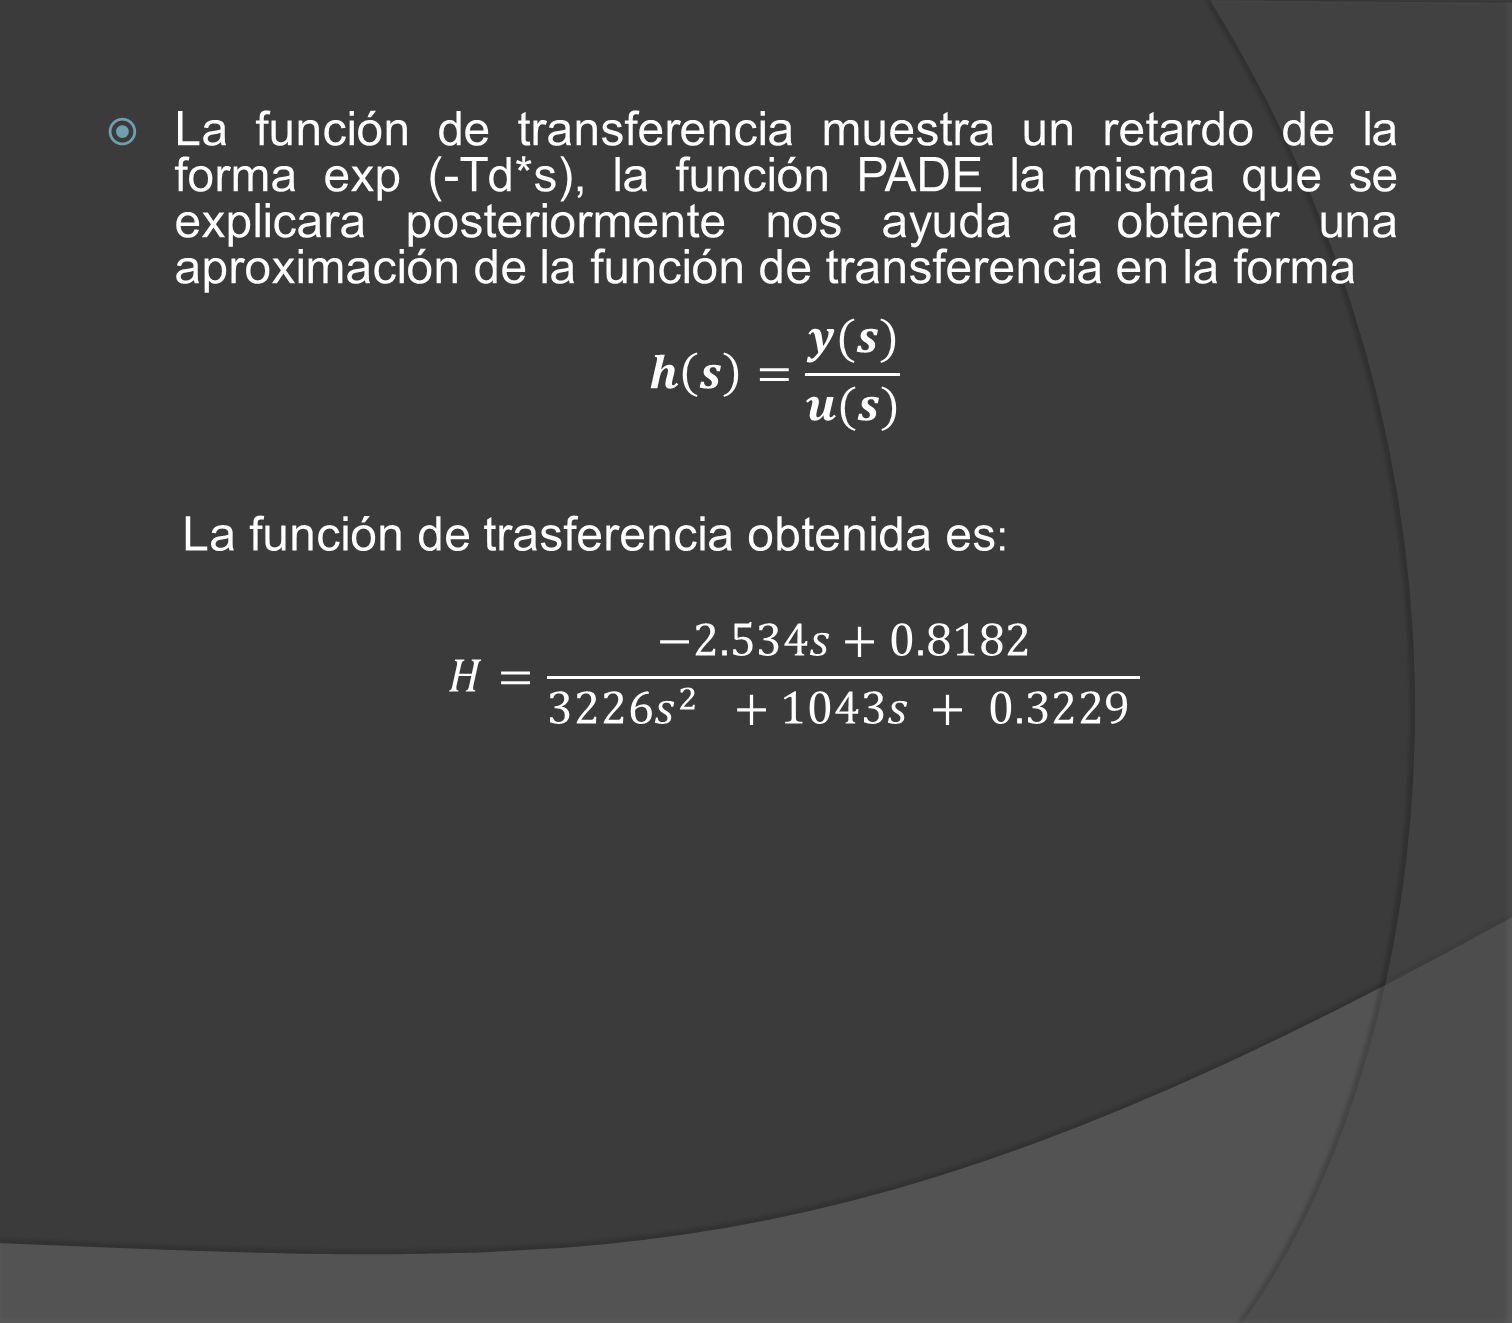 La función de transferencia muestra un retardo de la forma exp (-Td*s), la función PADE la misma que se explicara posteriormente nos ayuda a obtener u